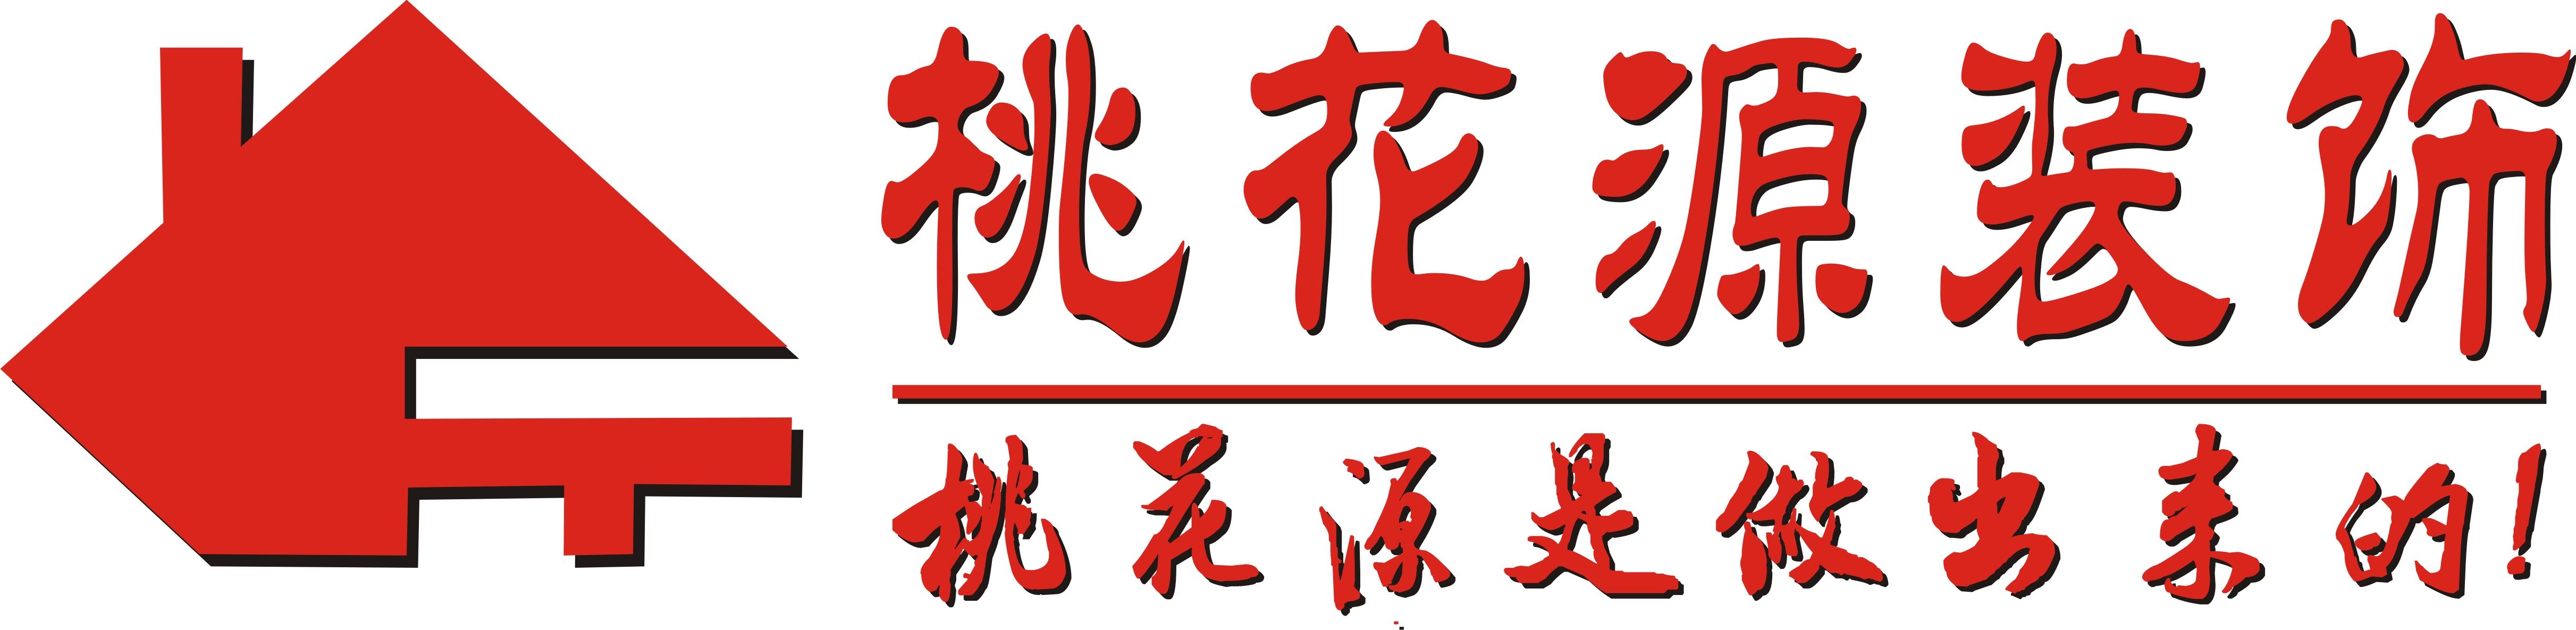 珠海桃花源装饰有限公司